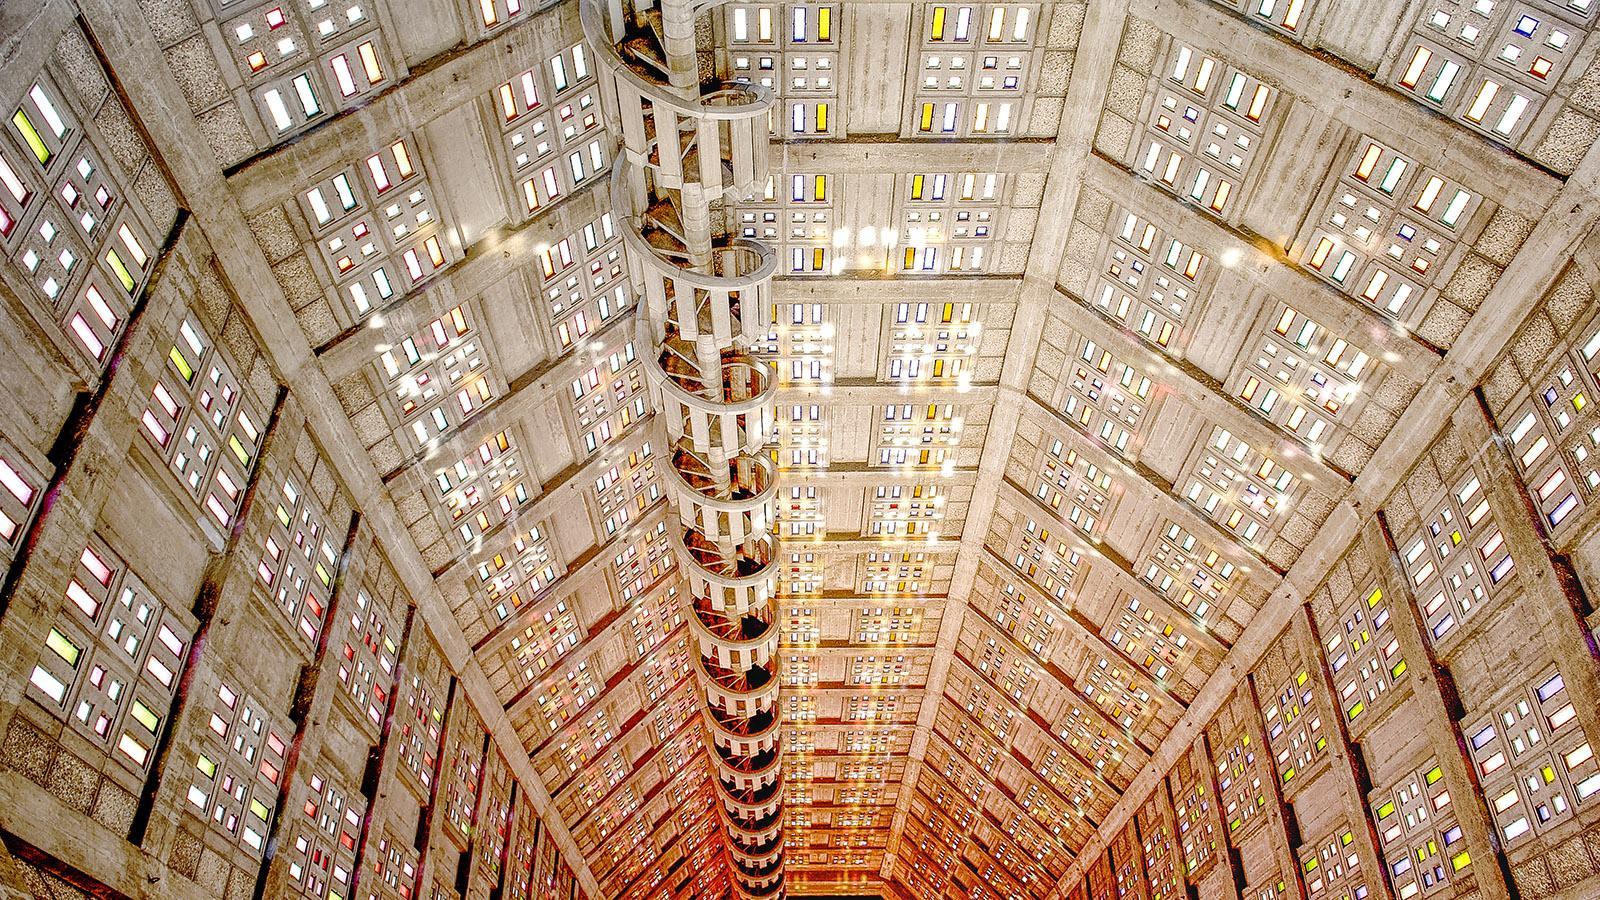 Église Saint-Joseph, Le Havre: An der Turmwand klebt die Wendeltreppe - was für eine Architektur! Foto: Hilke Maunder